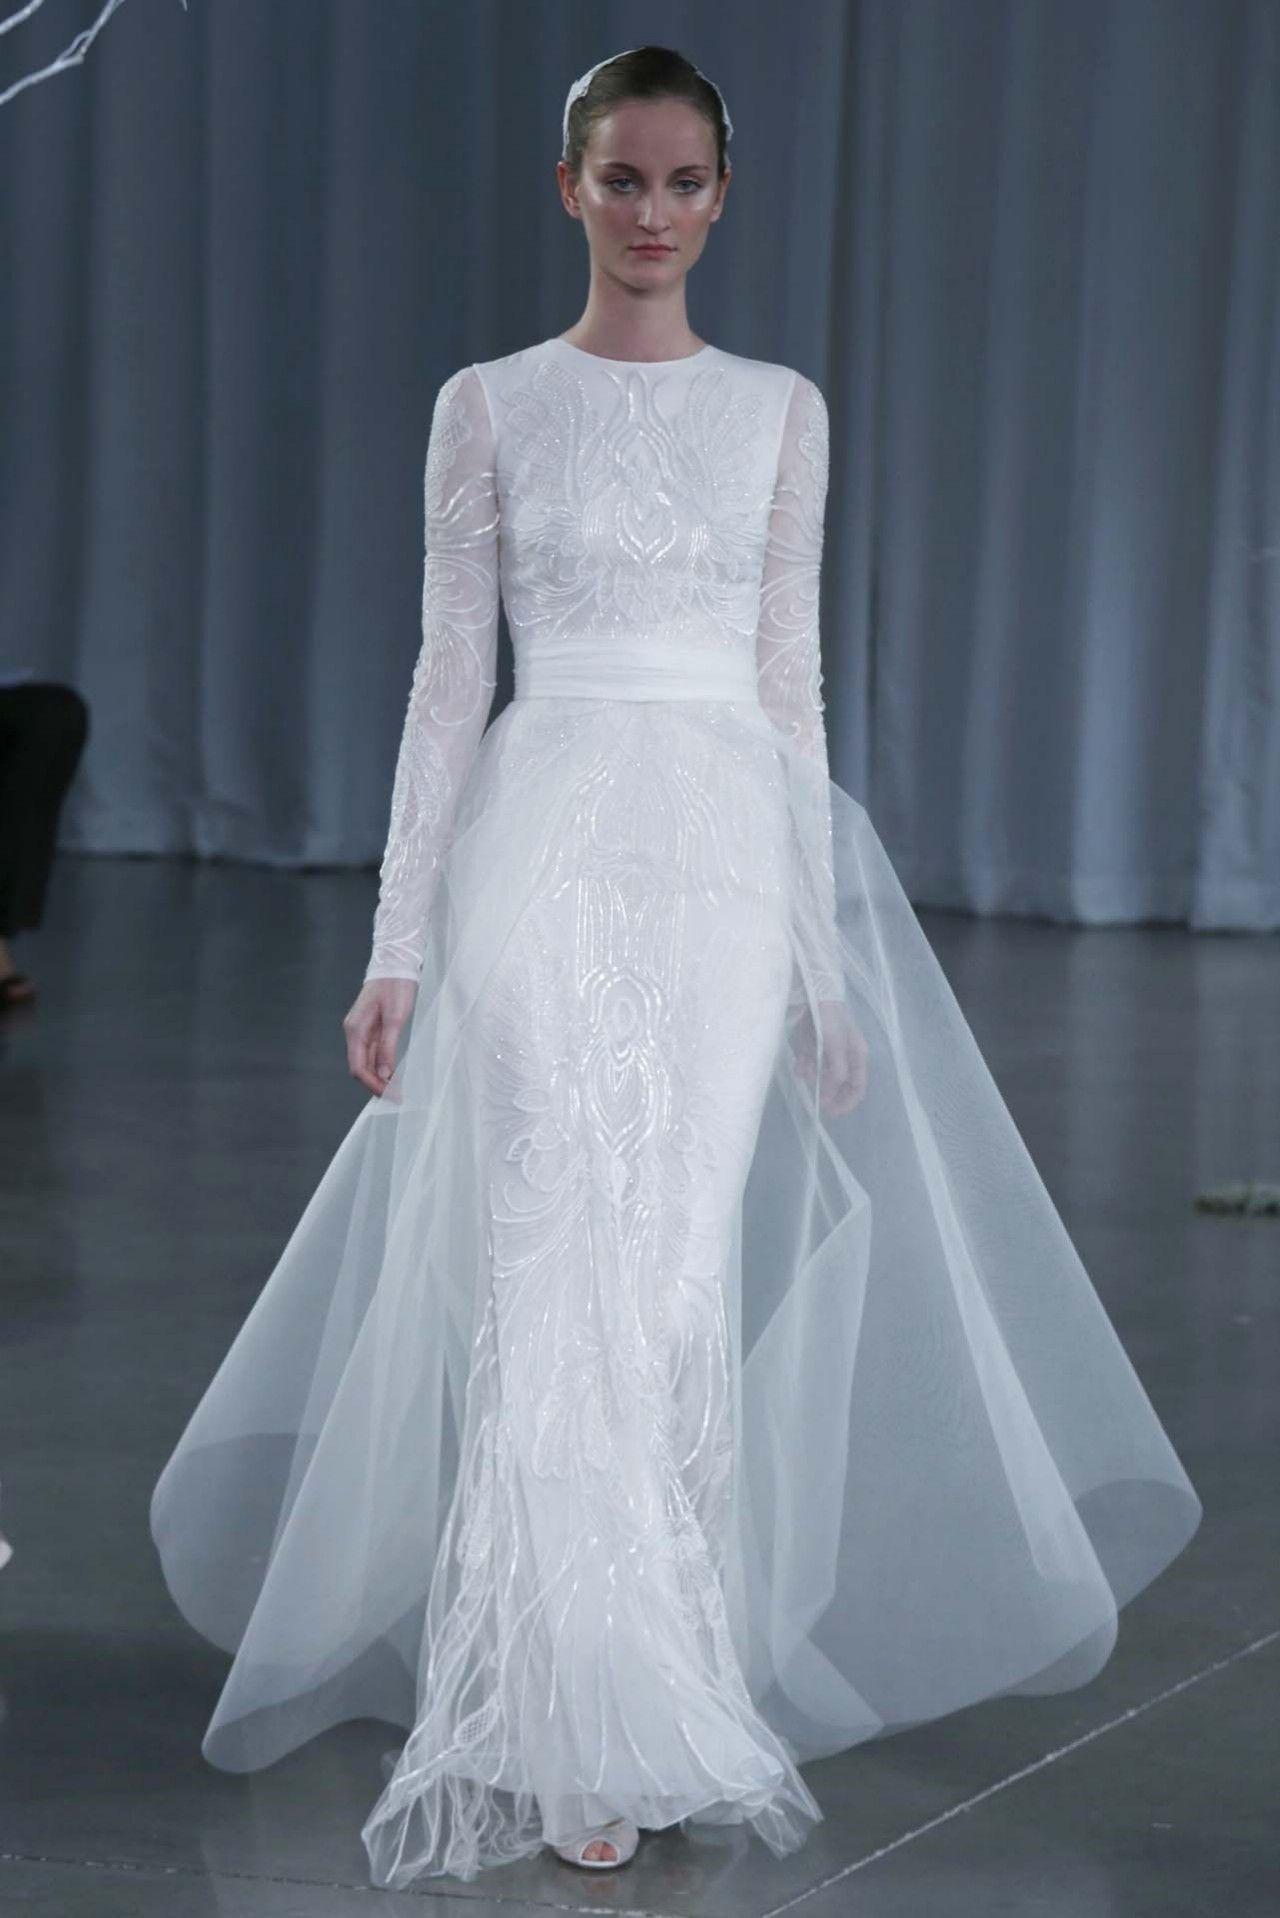 Monique-Lhuillier-2013-Gelinlik-Modelleri (3) | fashion | Pinterest ...